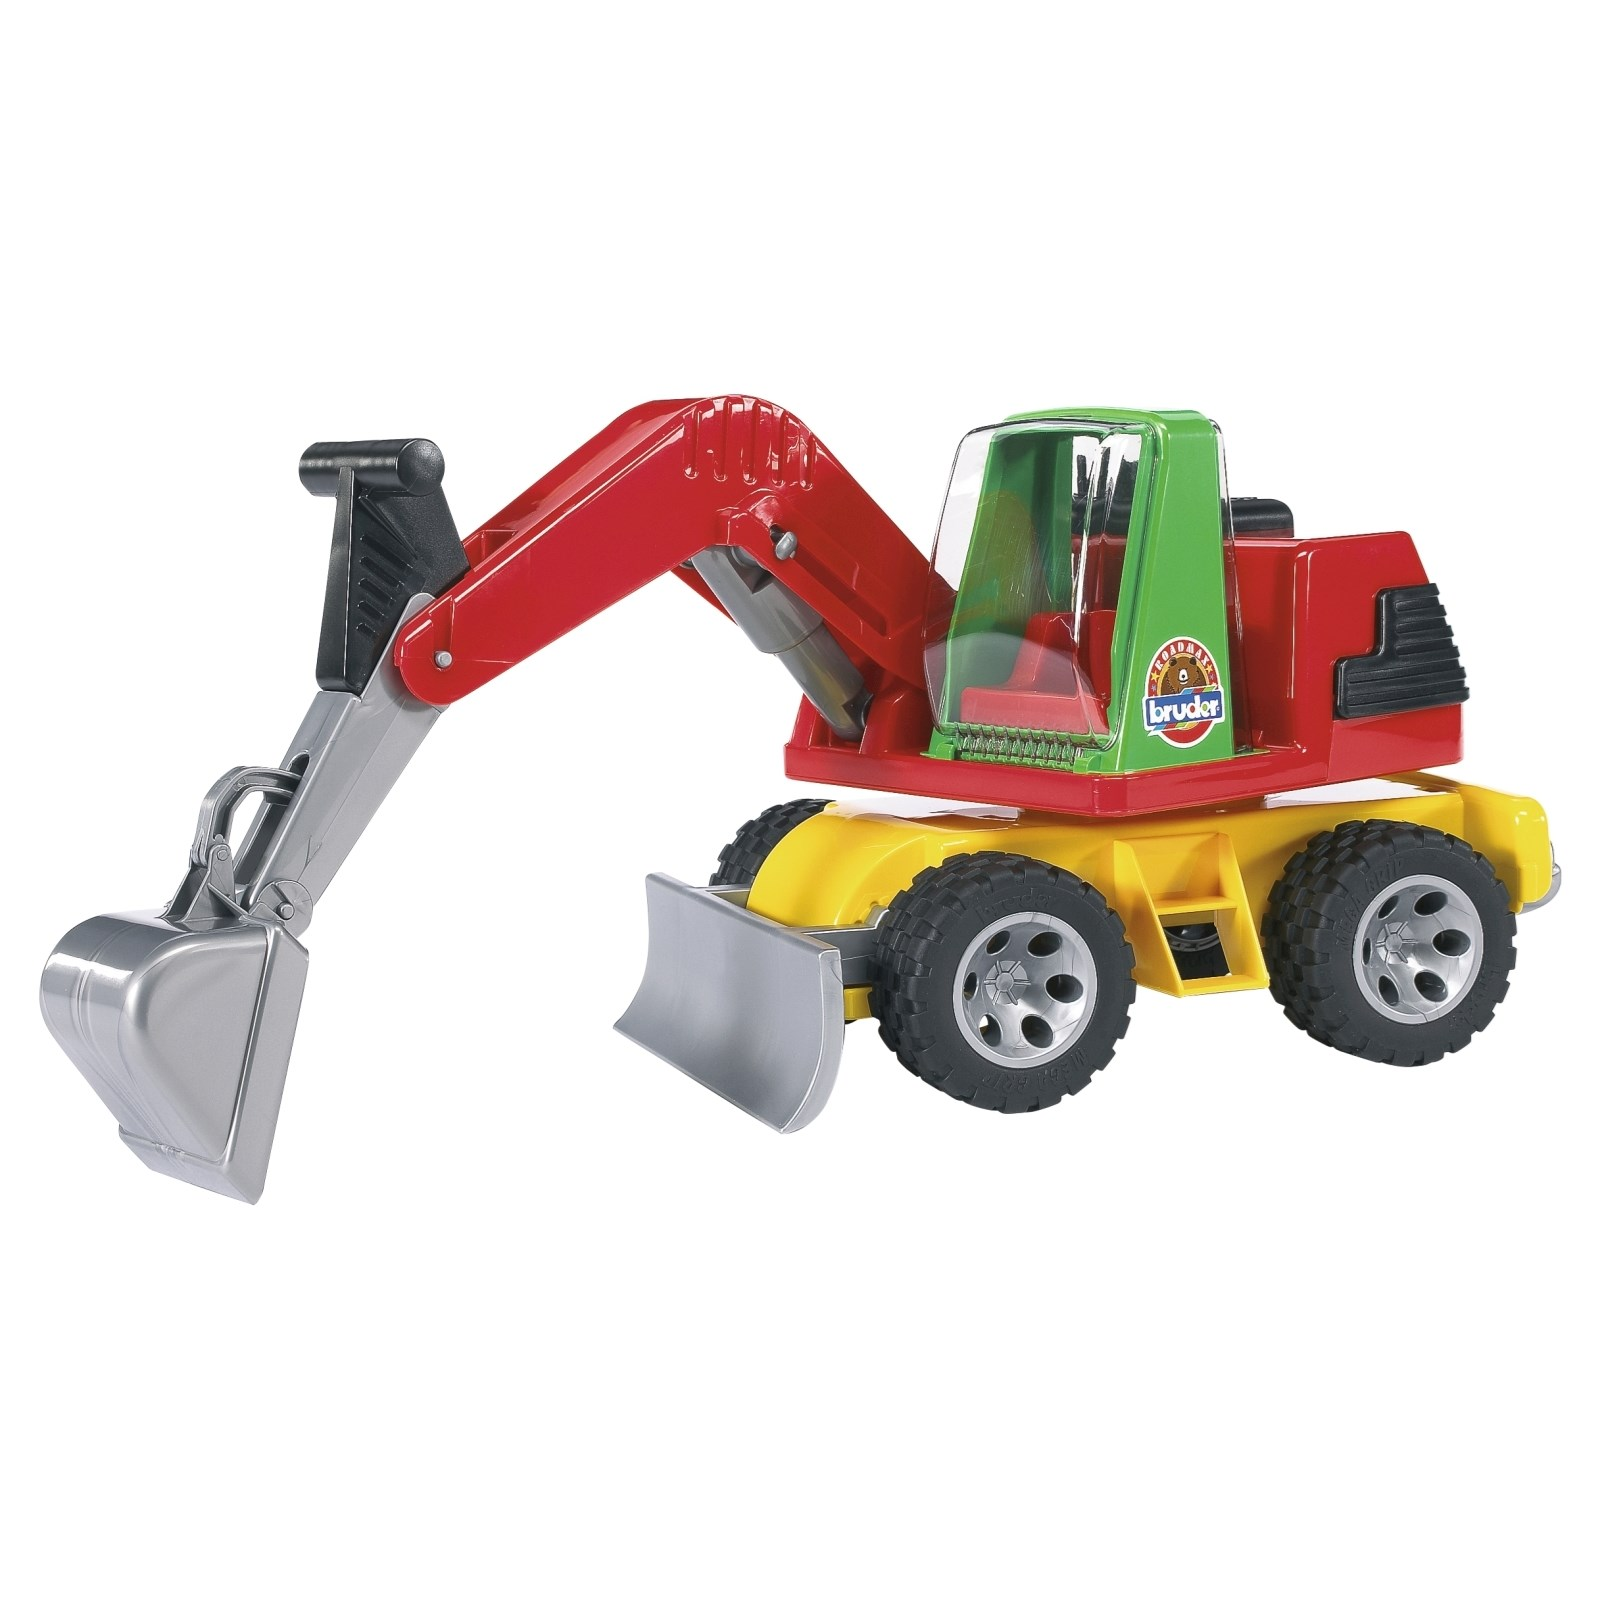 schaufelbagger roadmax - kinderspielzeug indoor - landi